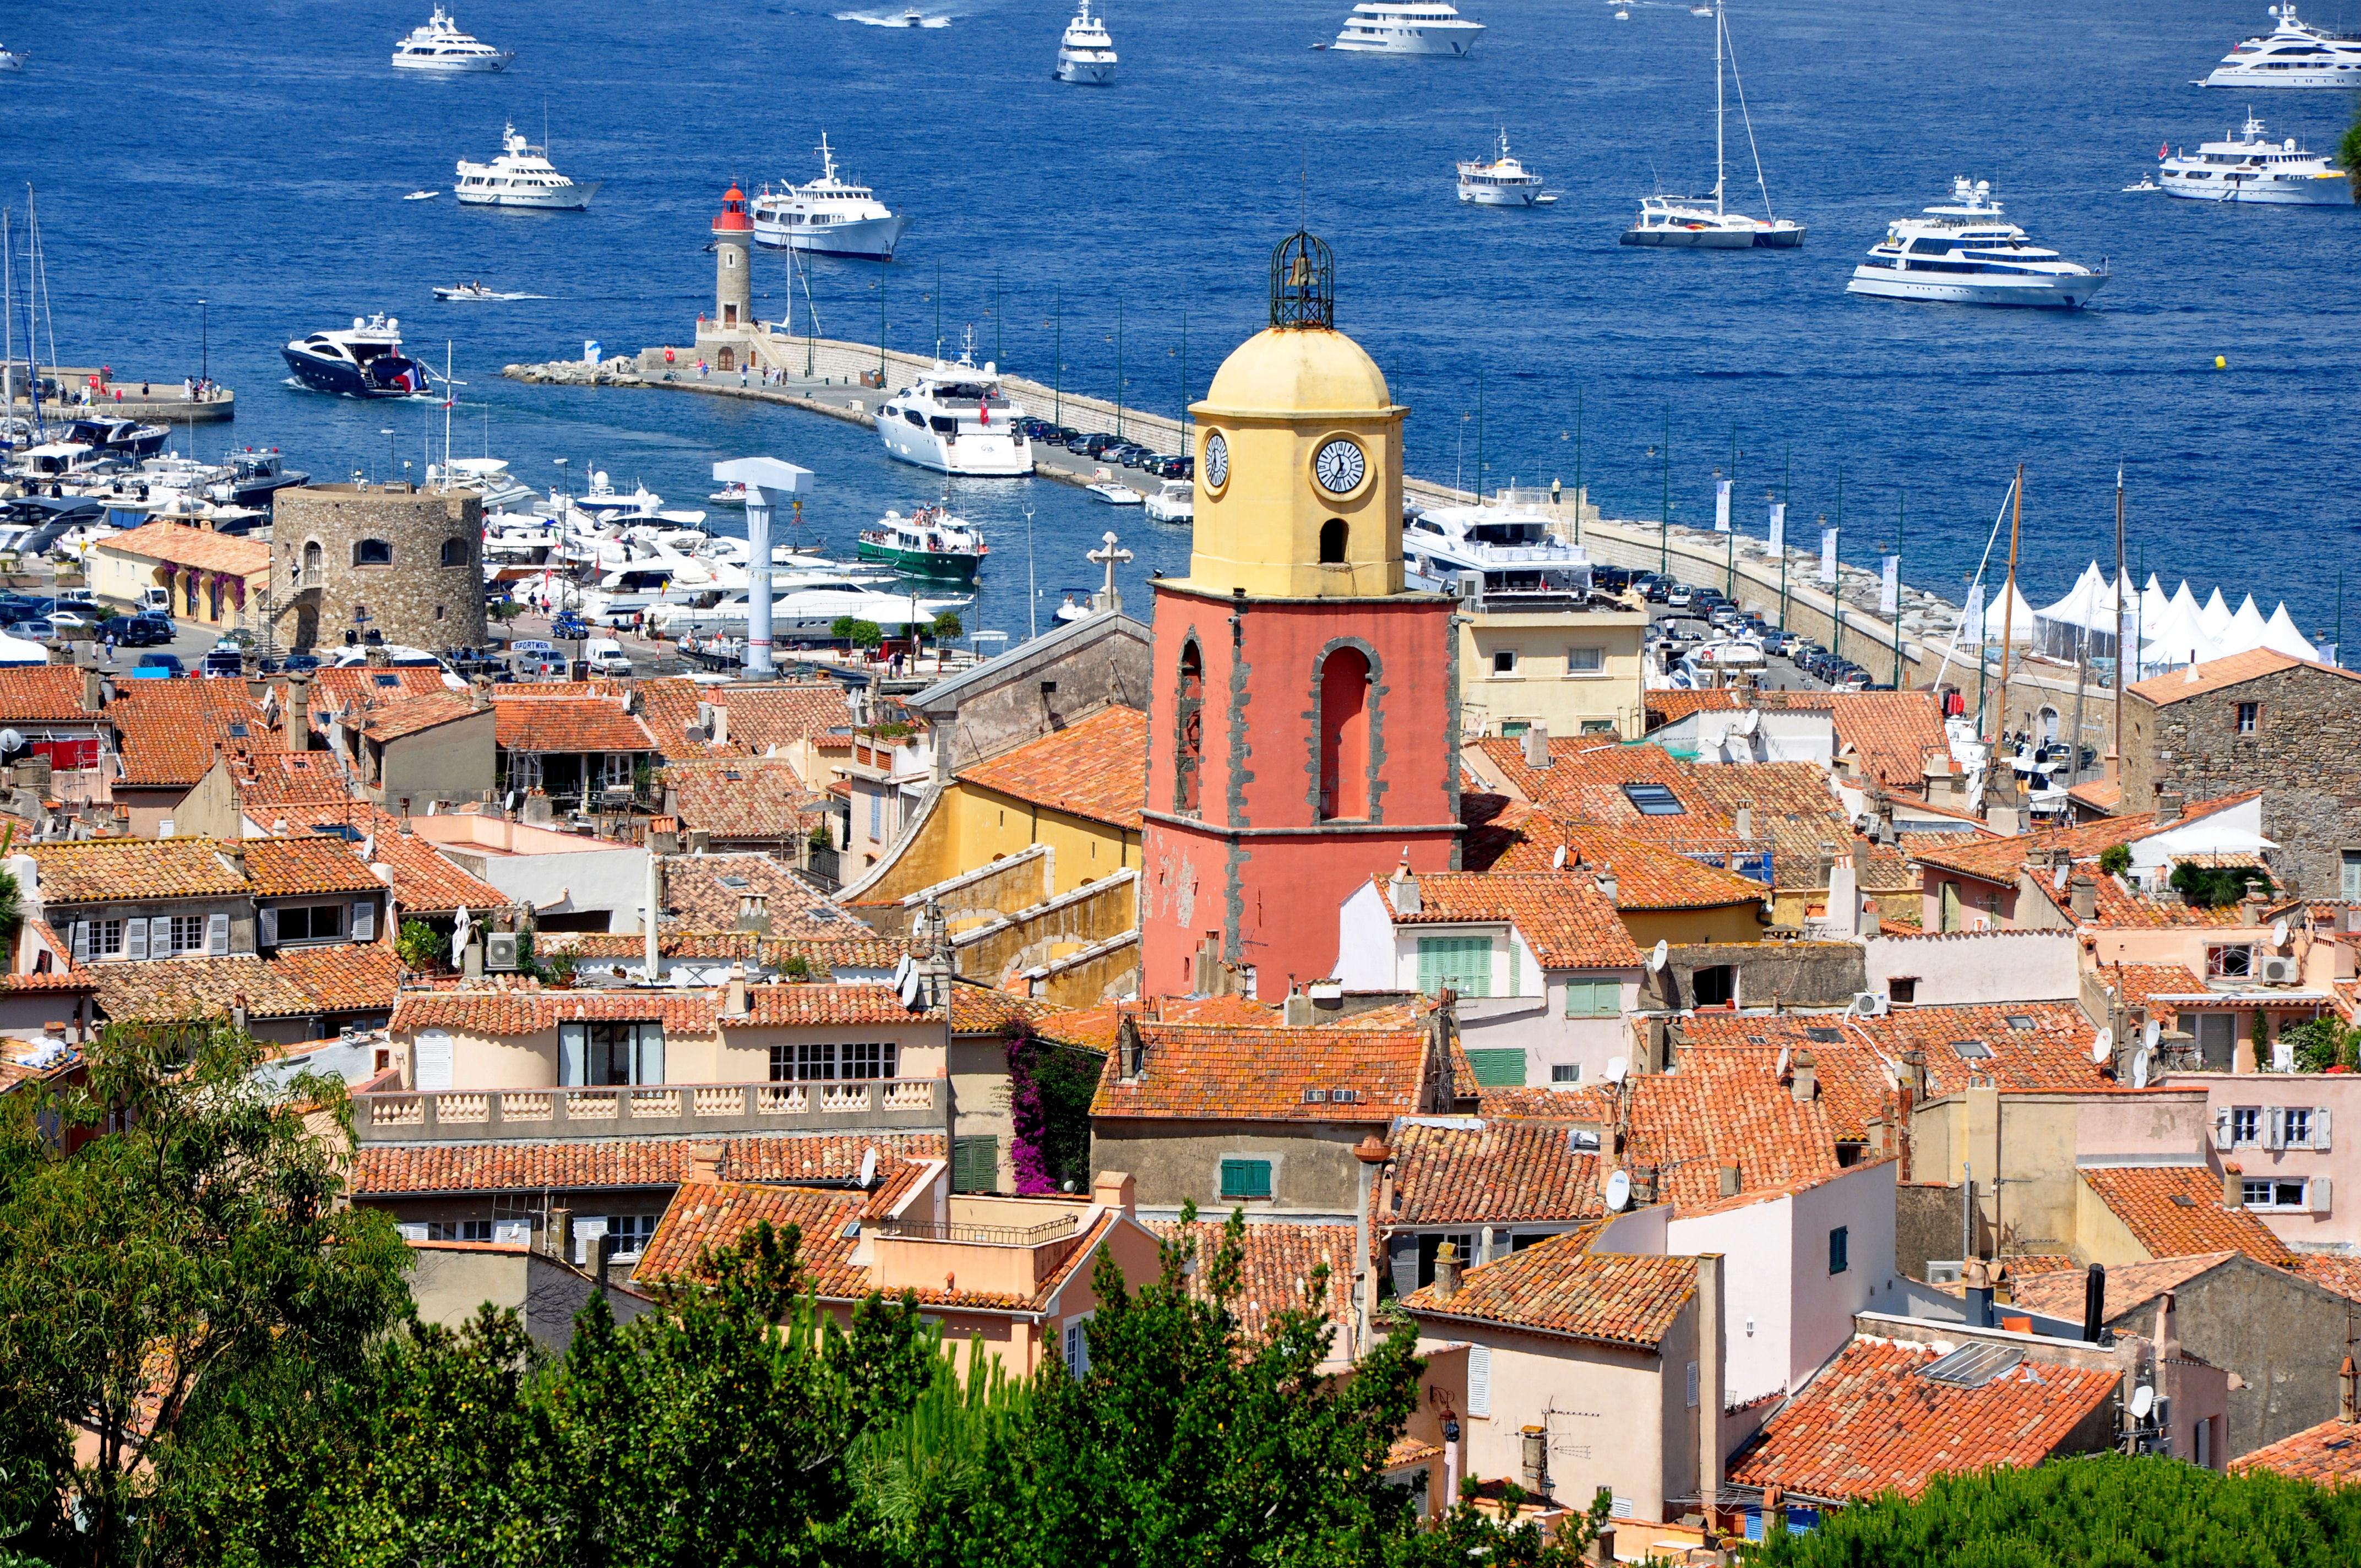 圣特佩罗(Saint-Tropez)-嘎纳(Cannes)(242KM)